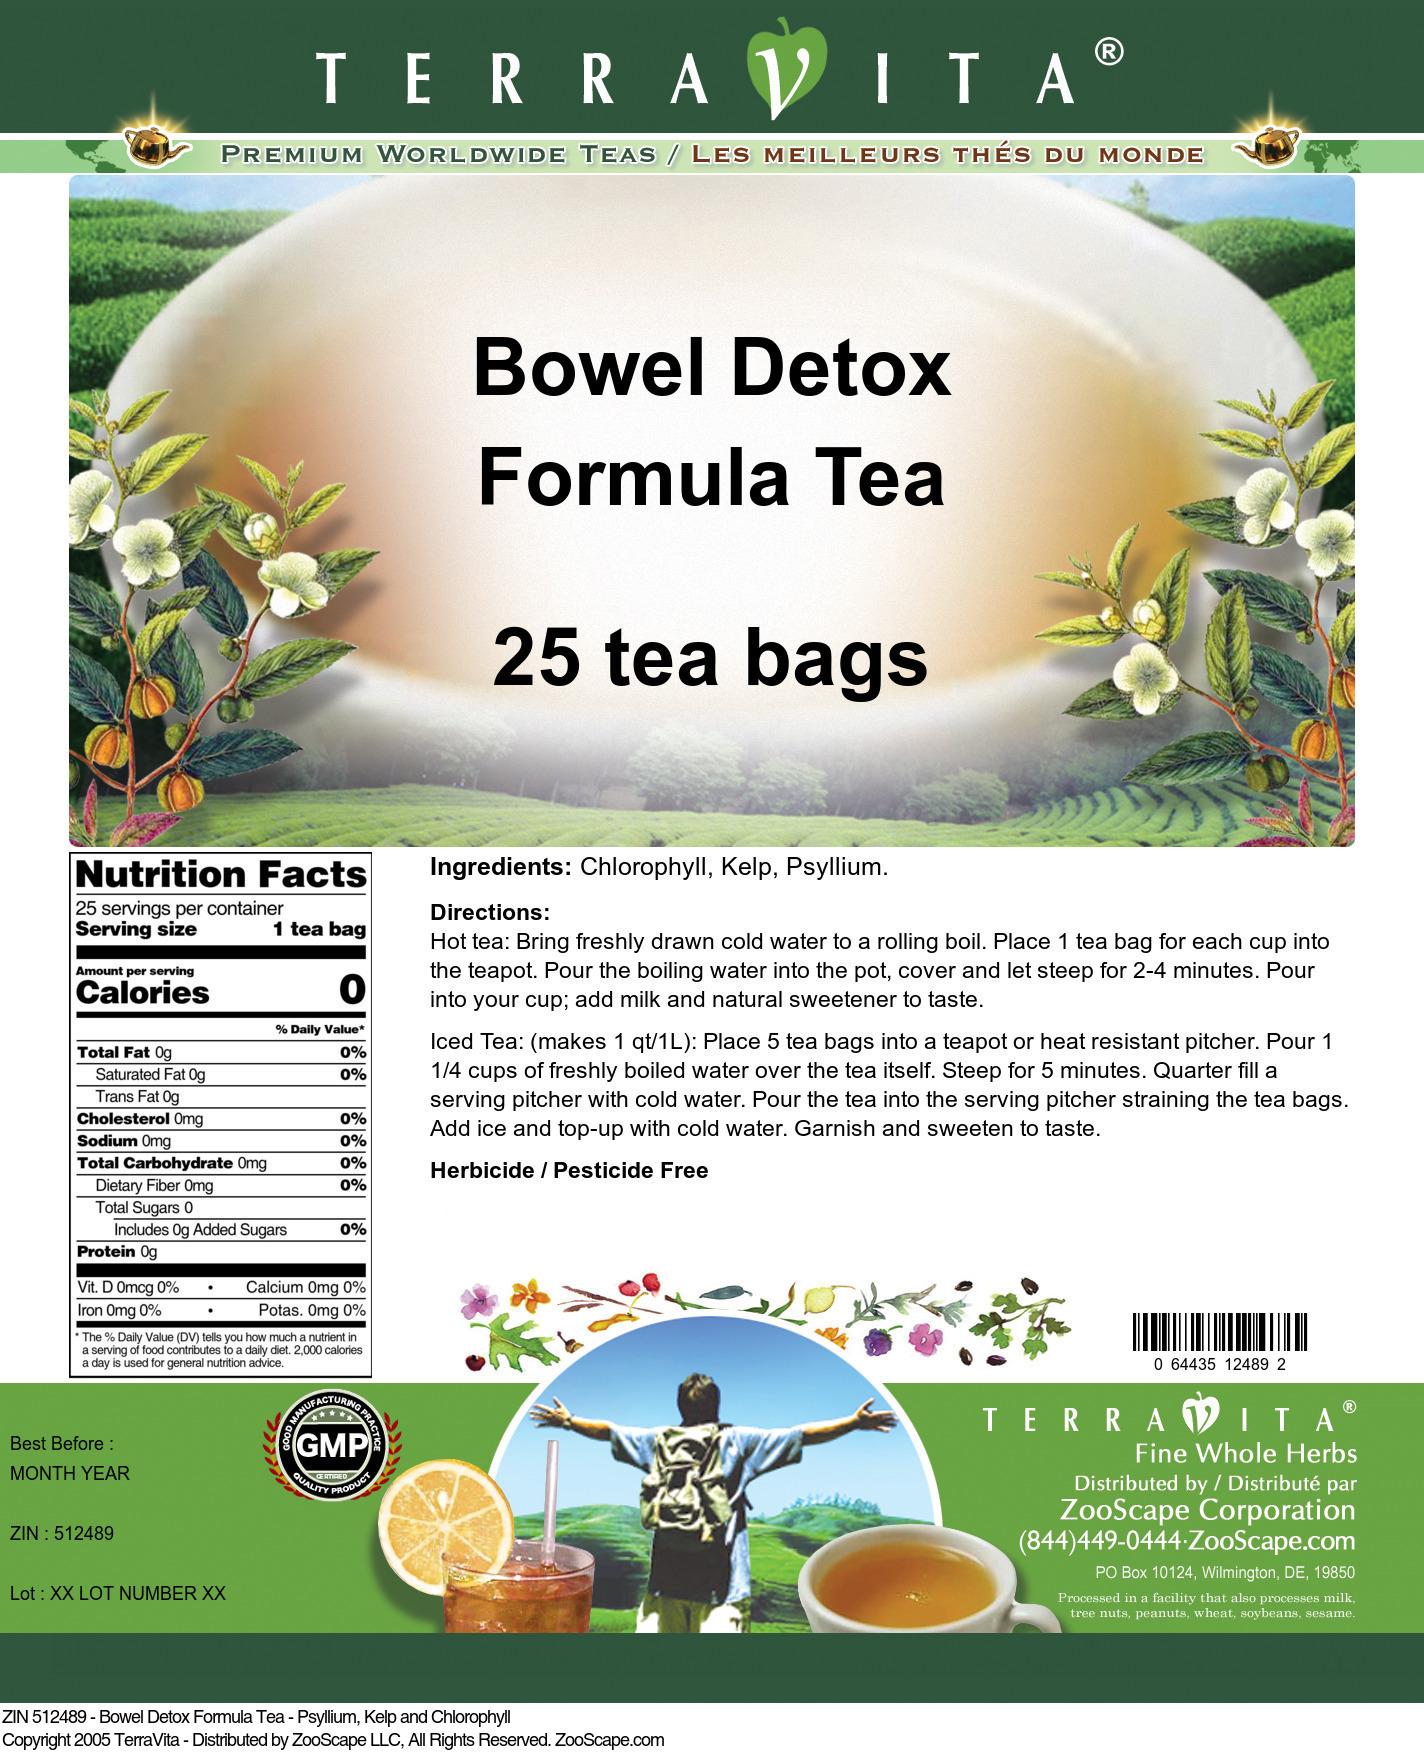 Bowel Detox Formula